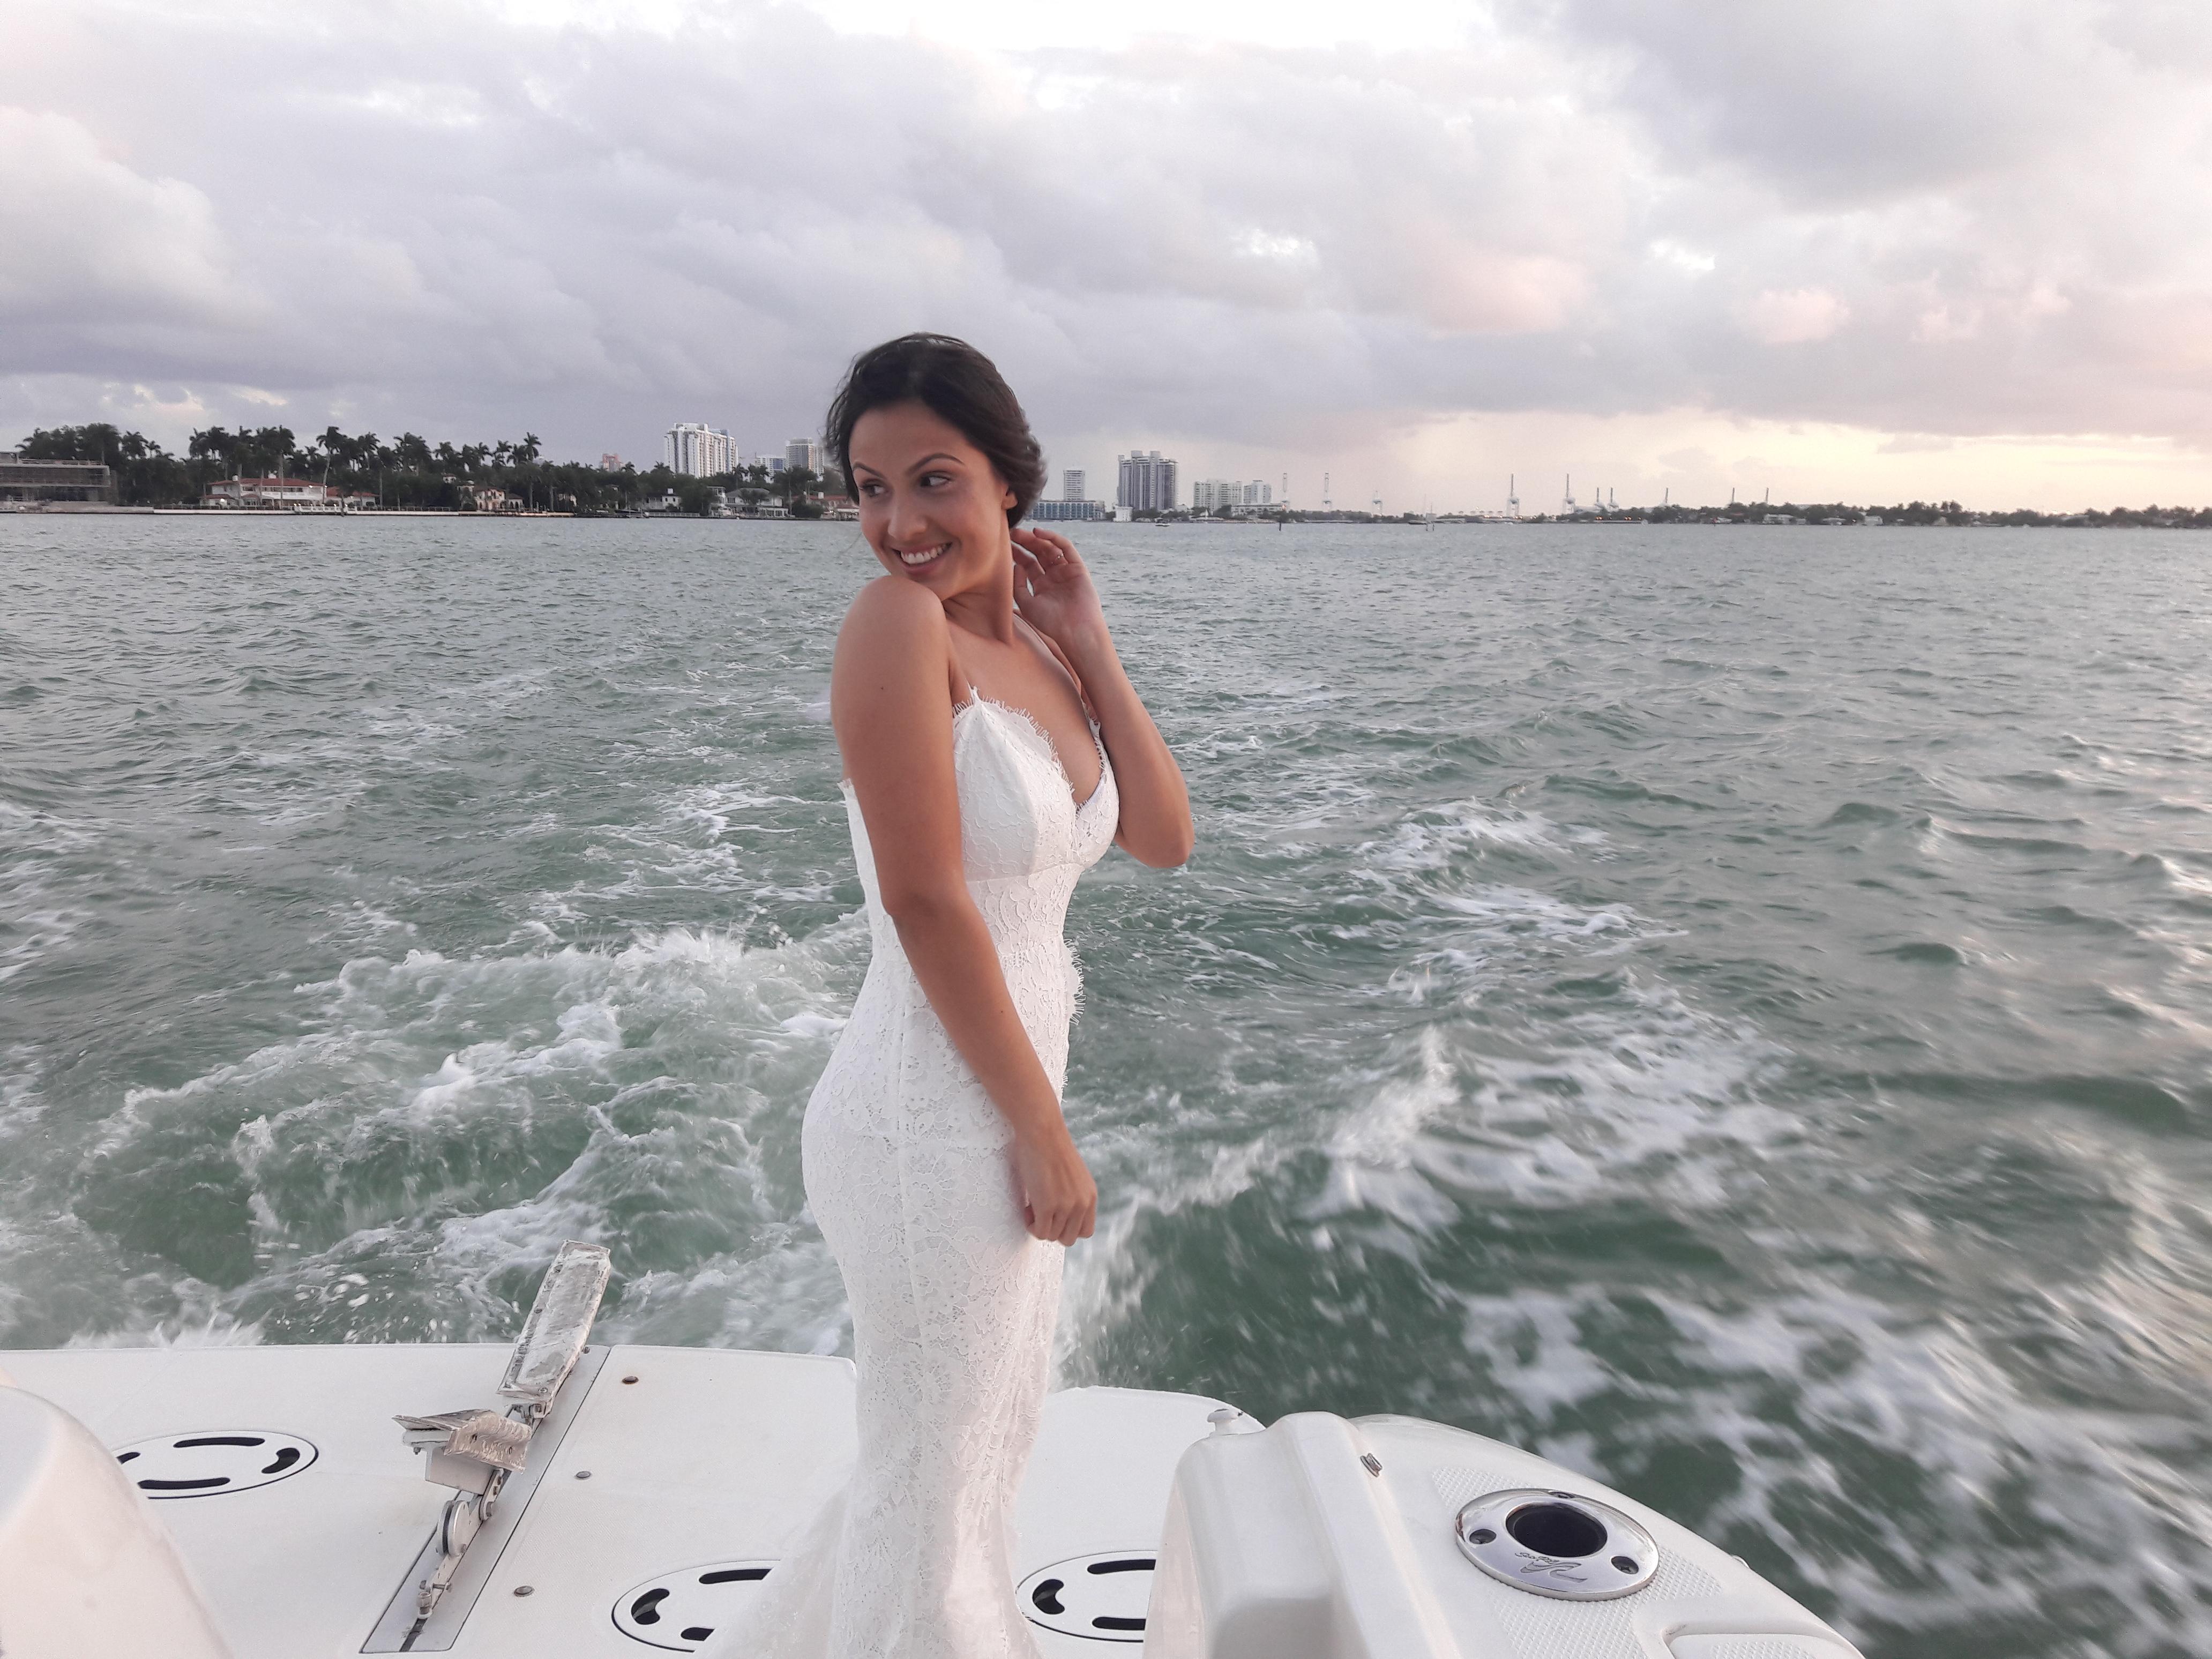 https://0201.nccdn.net/1_2/000/000/11e/b0f/couples-wedding.jpg